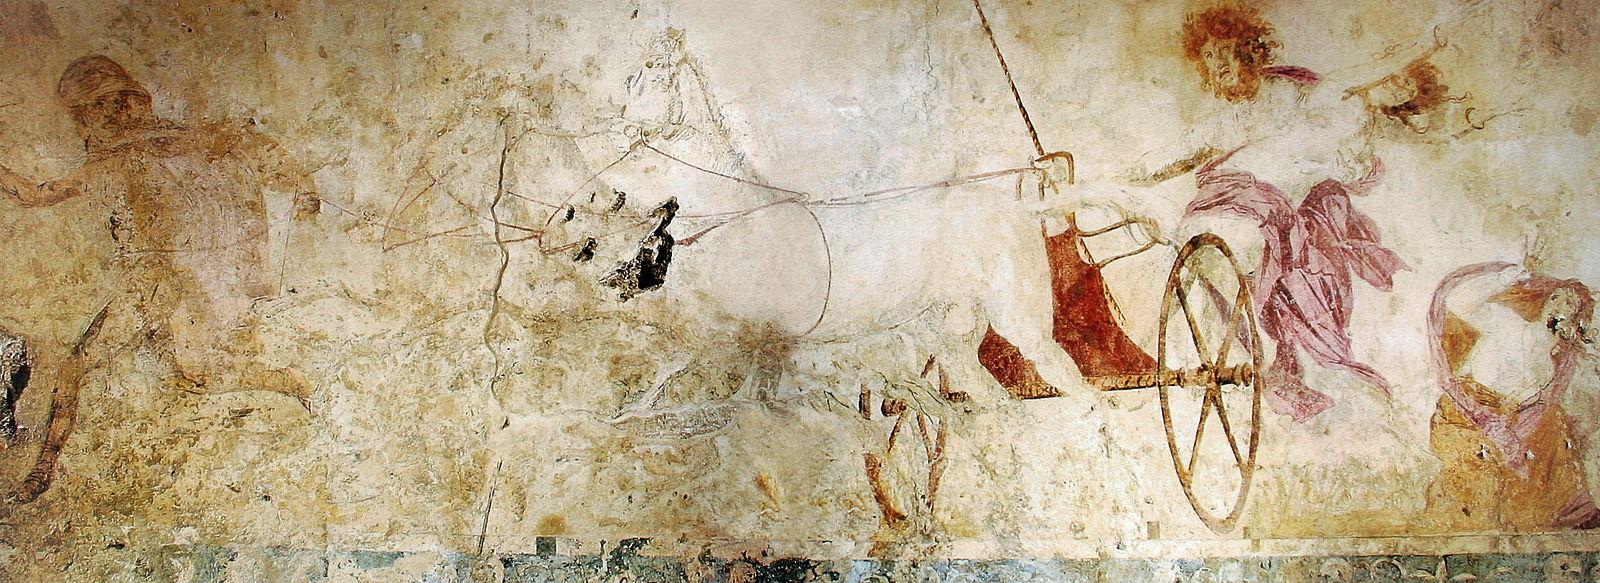 Hadès et Perséphone enlèvement